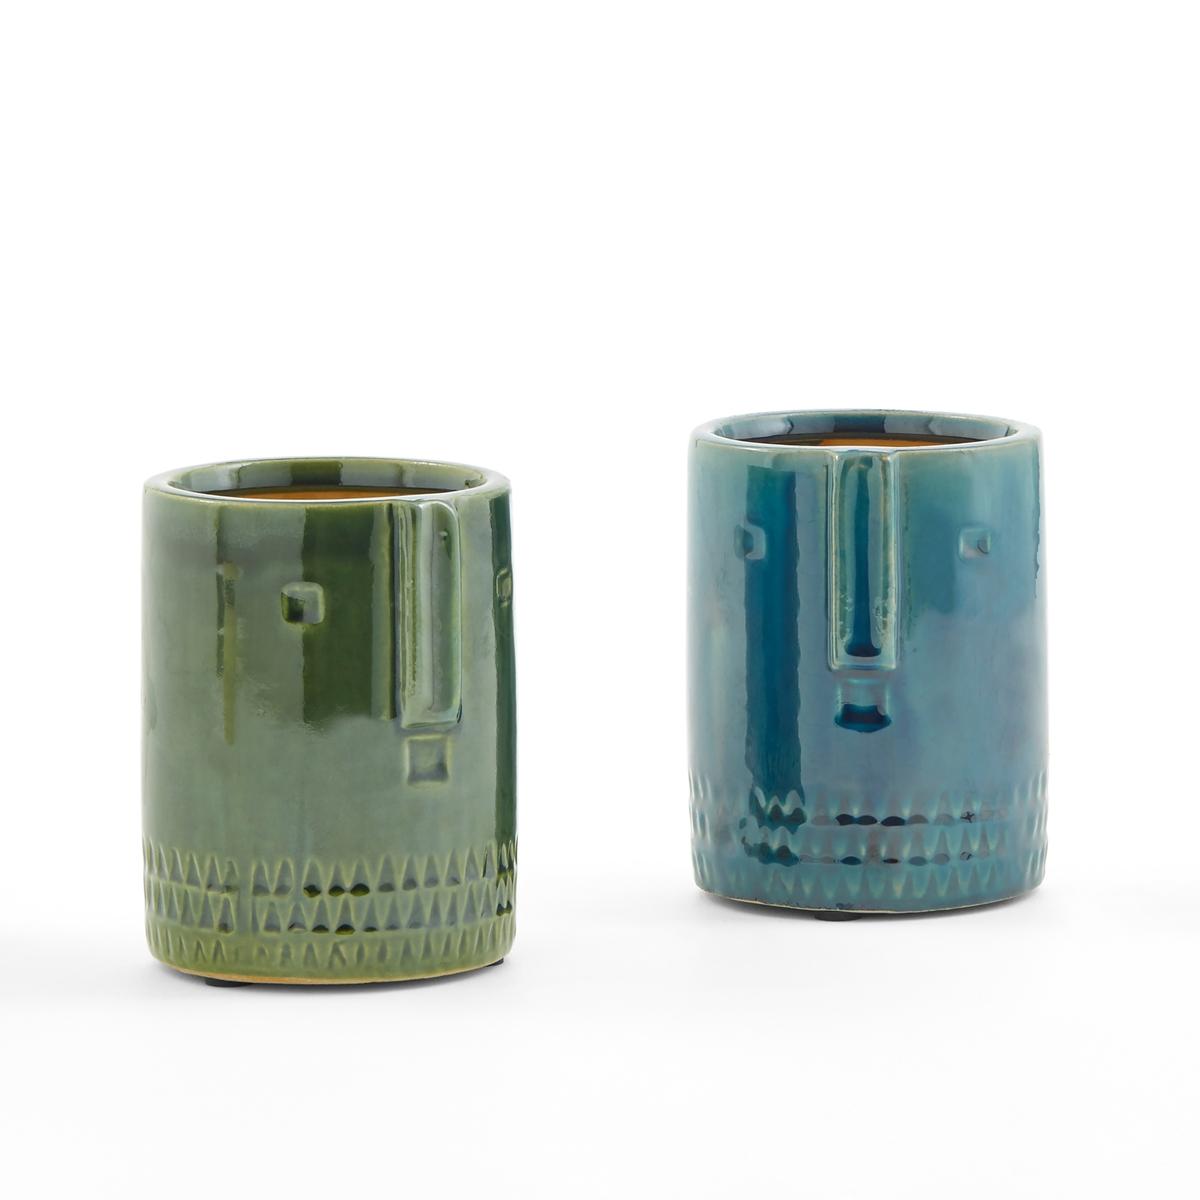 Кашпо из керамики, Ø15,5 см, Sakina